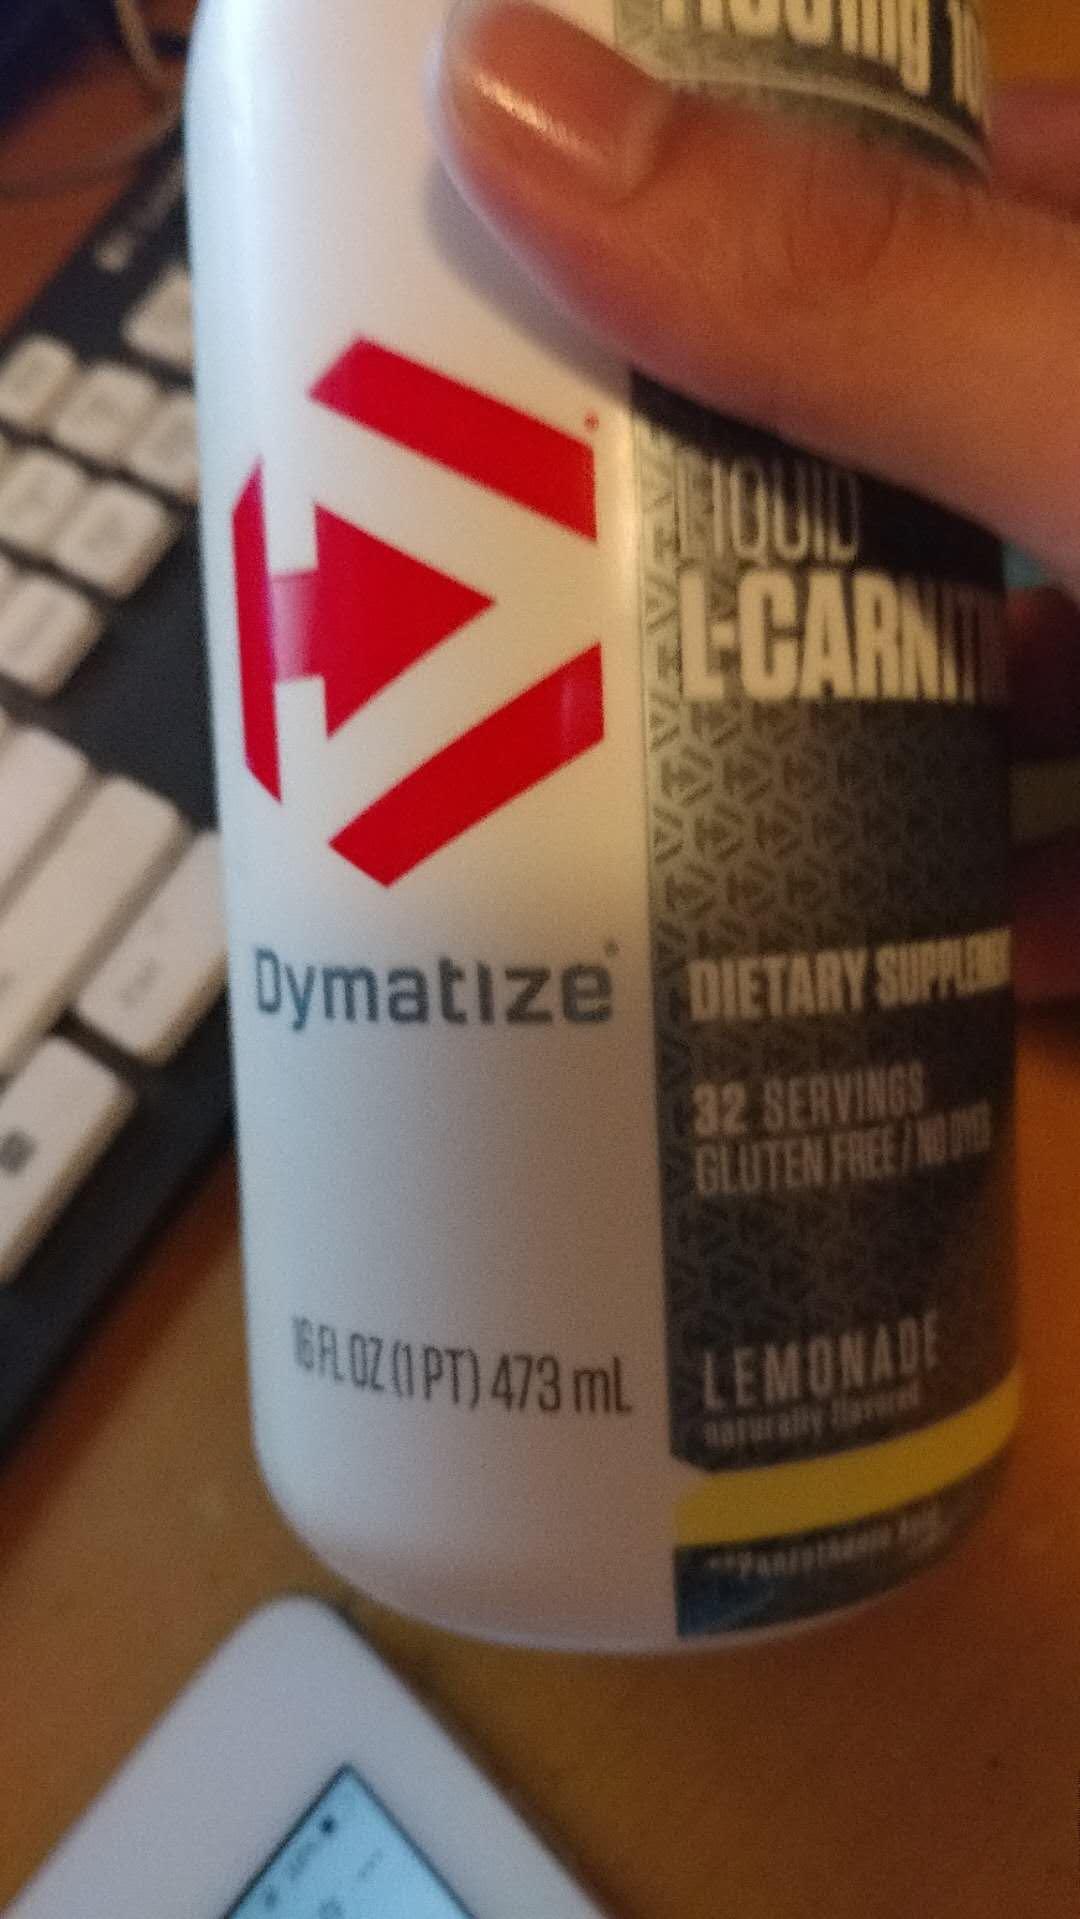 淘宝买的Dymatize狄马泰斯液态减肥药